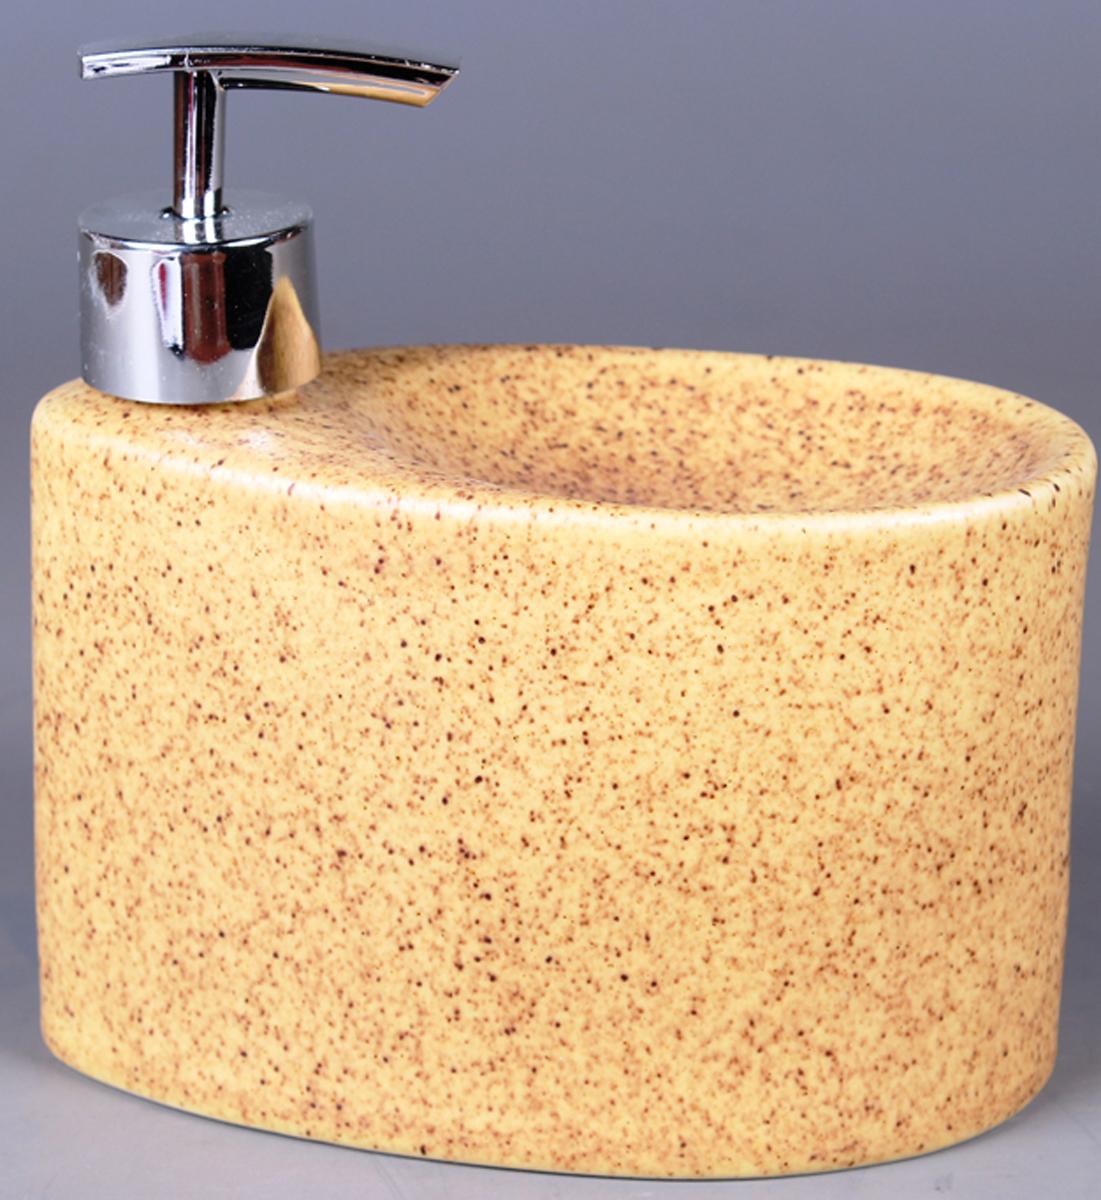 Дозатор для жидкого мыла Elrington, с подставкой для губки. FJH-10772-A201FJH-10772-A201Дозатор для жидкого мыла Elrington, изготовленный из керамики и металла, отлично подойдет для вашей ванной комнаты. Такой аксессуар очень удобен в использовании, достаточно лишь перелить жидкое мыло в дозатор, а когда необходимо использование мыла, легким нажатием выдавить нужное количество. Также изделие оснащено подставкой под губку.Дозатор для жидкого мыла Elrington создаст особую атмосферу уюта и максимального комфорта в ванной.